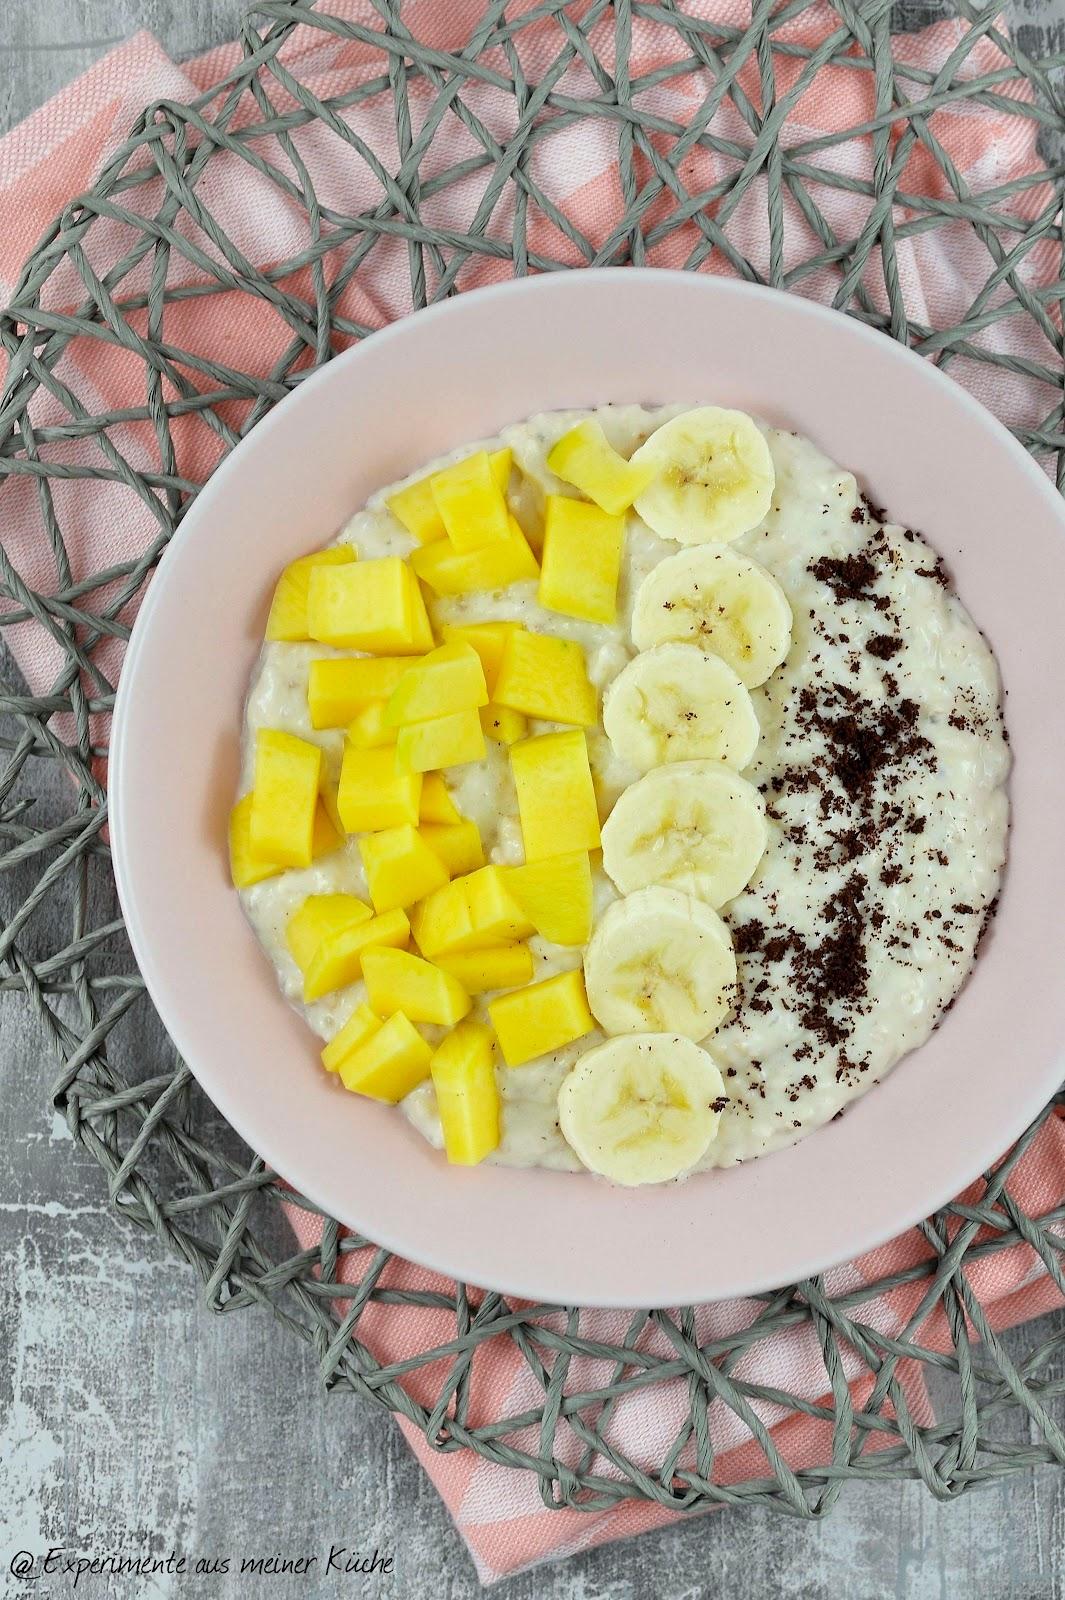 aus meiner Küche: Pudding-Oats